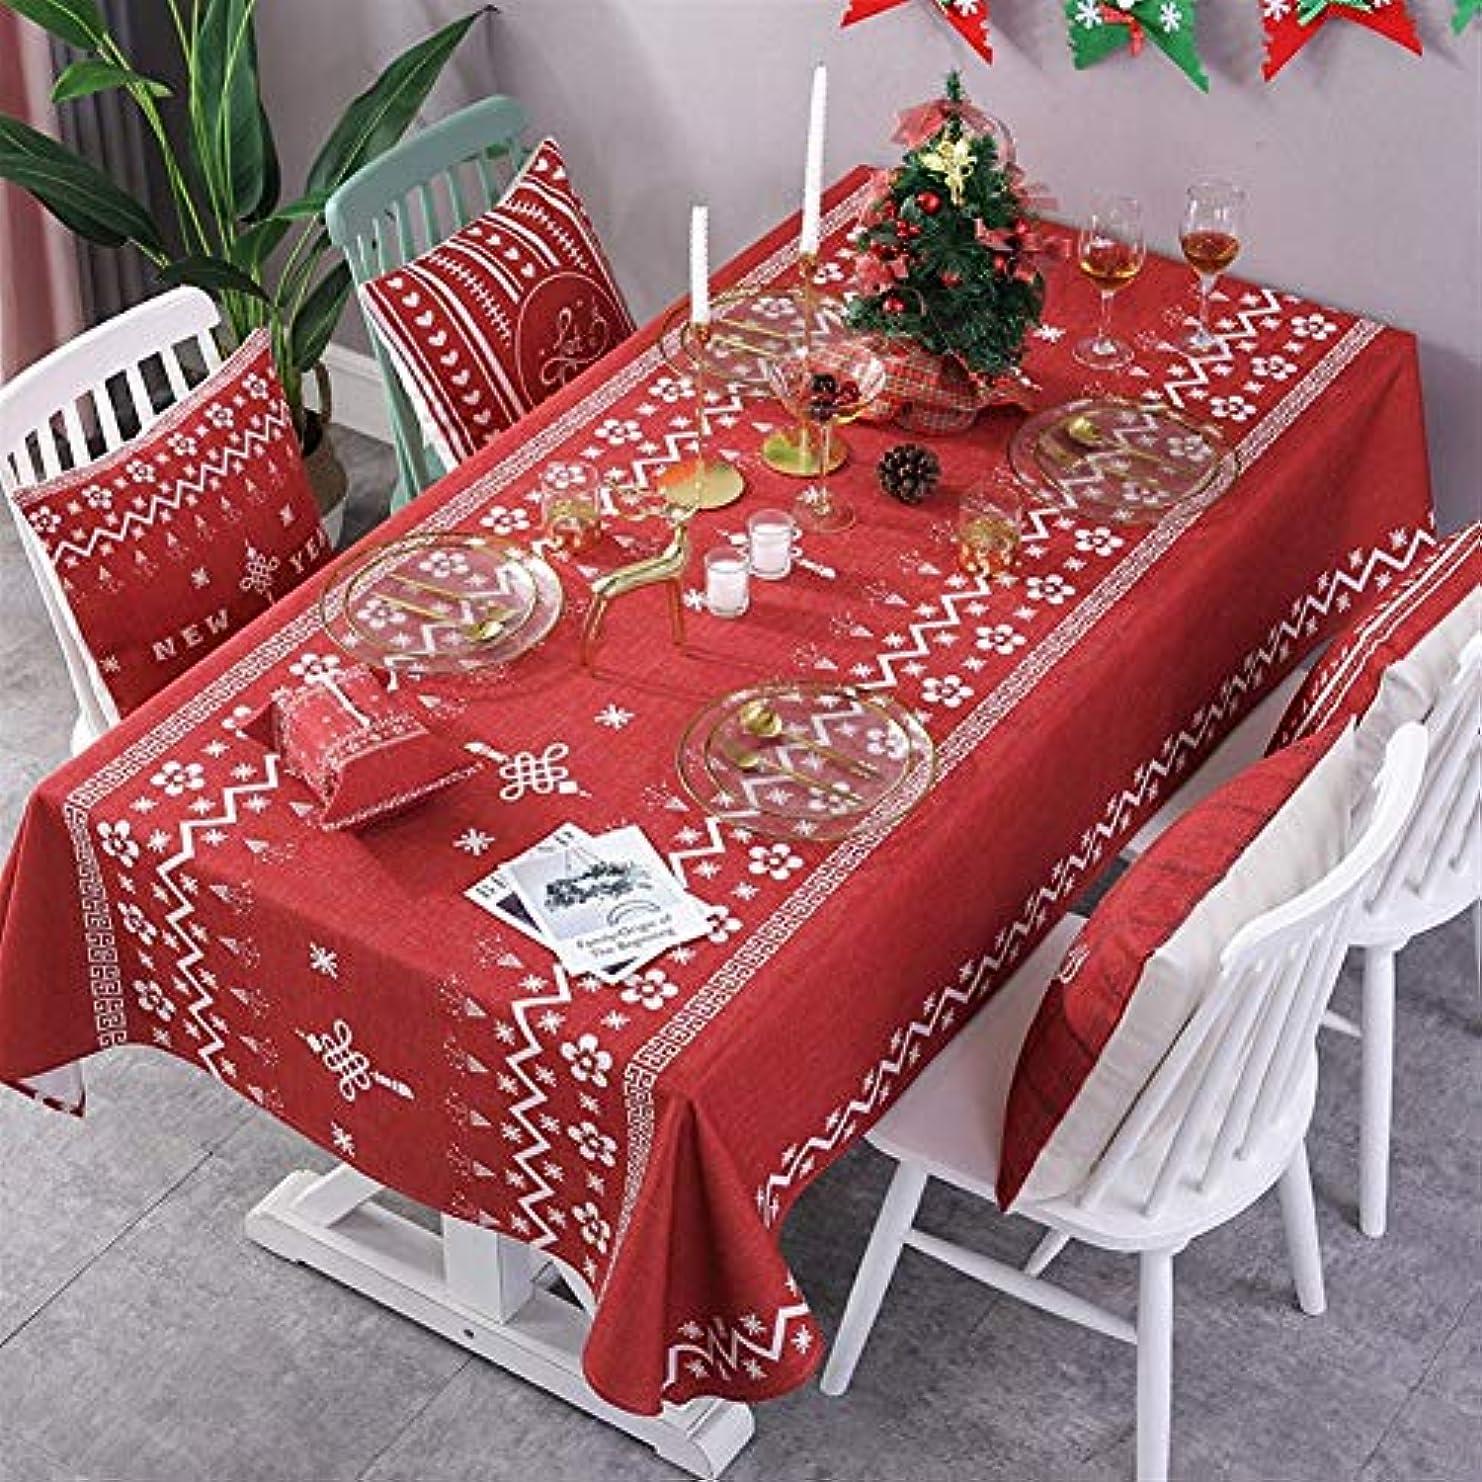 スリラー報酬の望み撥水 テーブルクロス クリスマスシリーズ波状ストライプス 洗える (Color : 2, Size : 140*180cm)